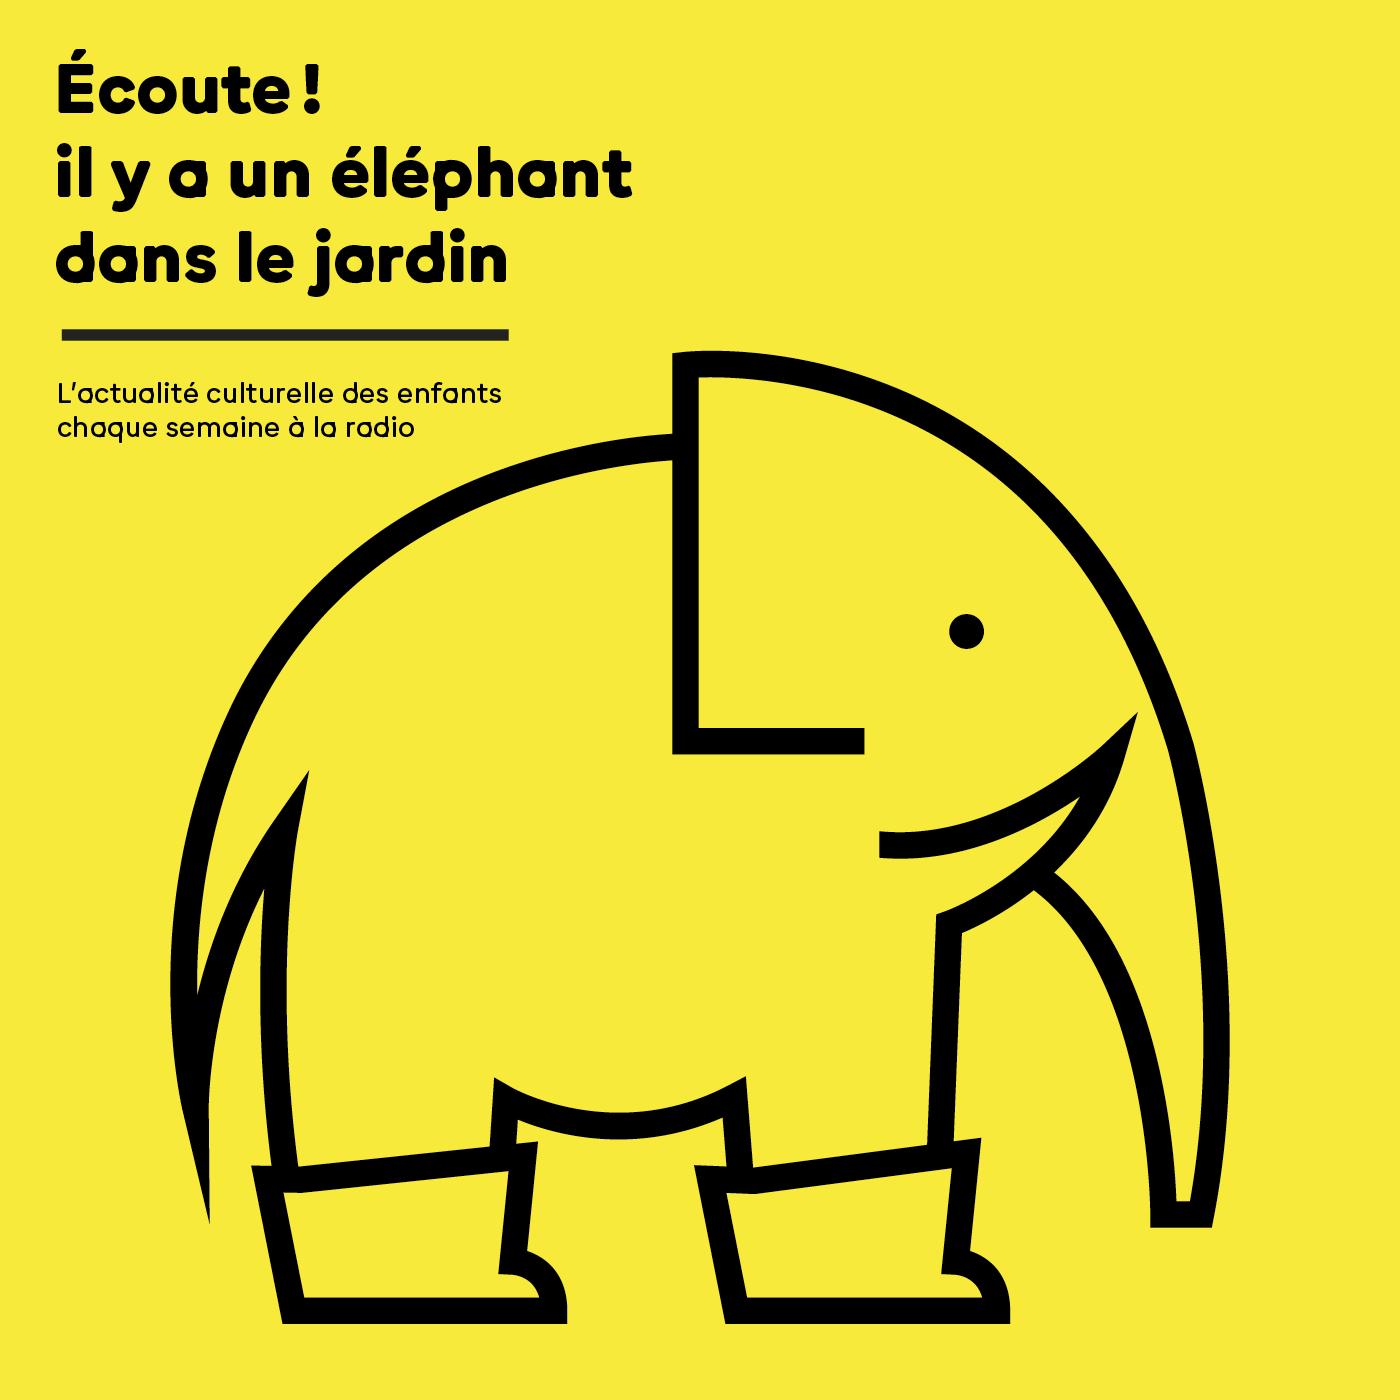 Ecoute ! il y a un éléphant dans le jardin